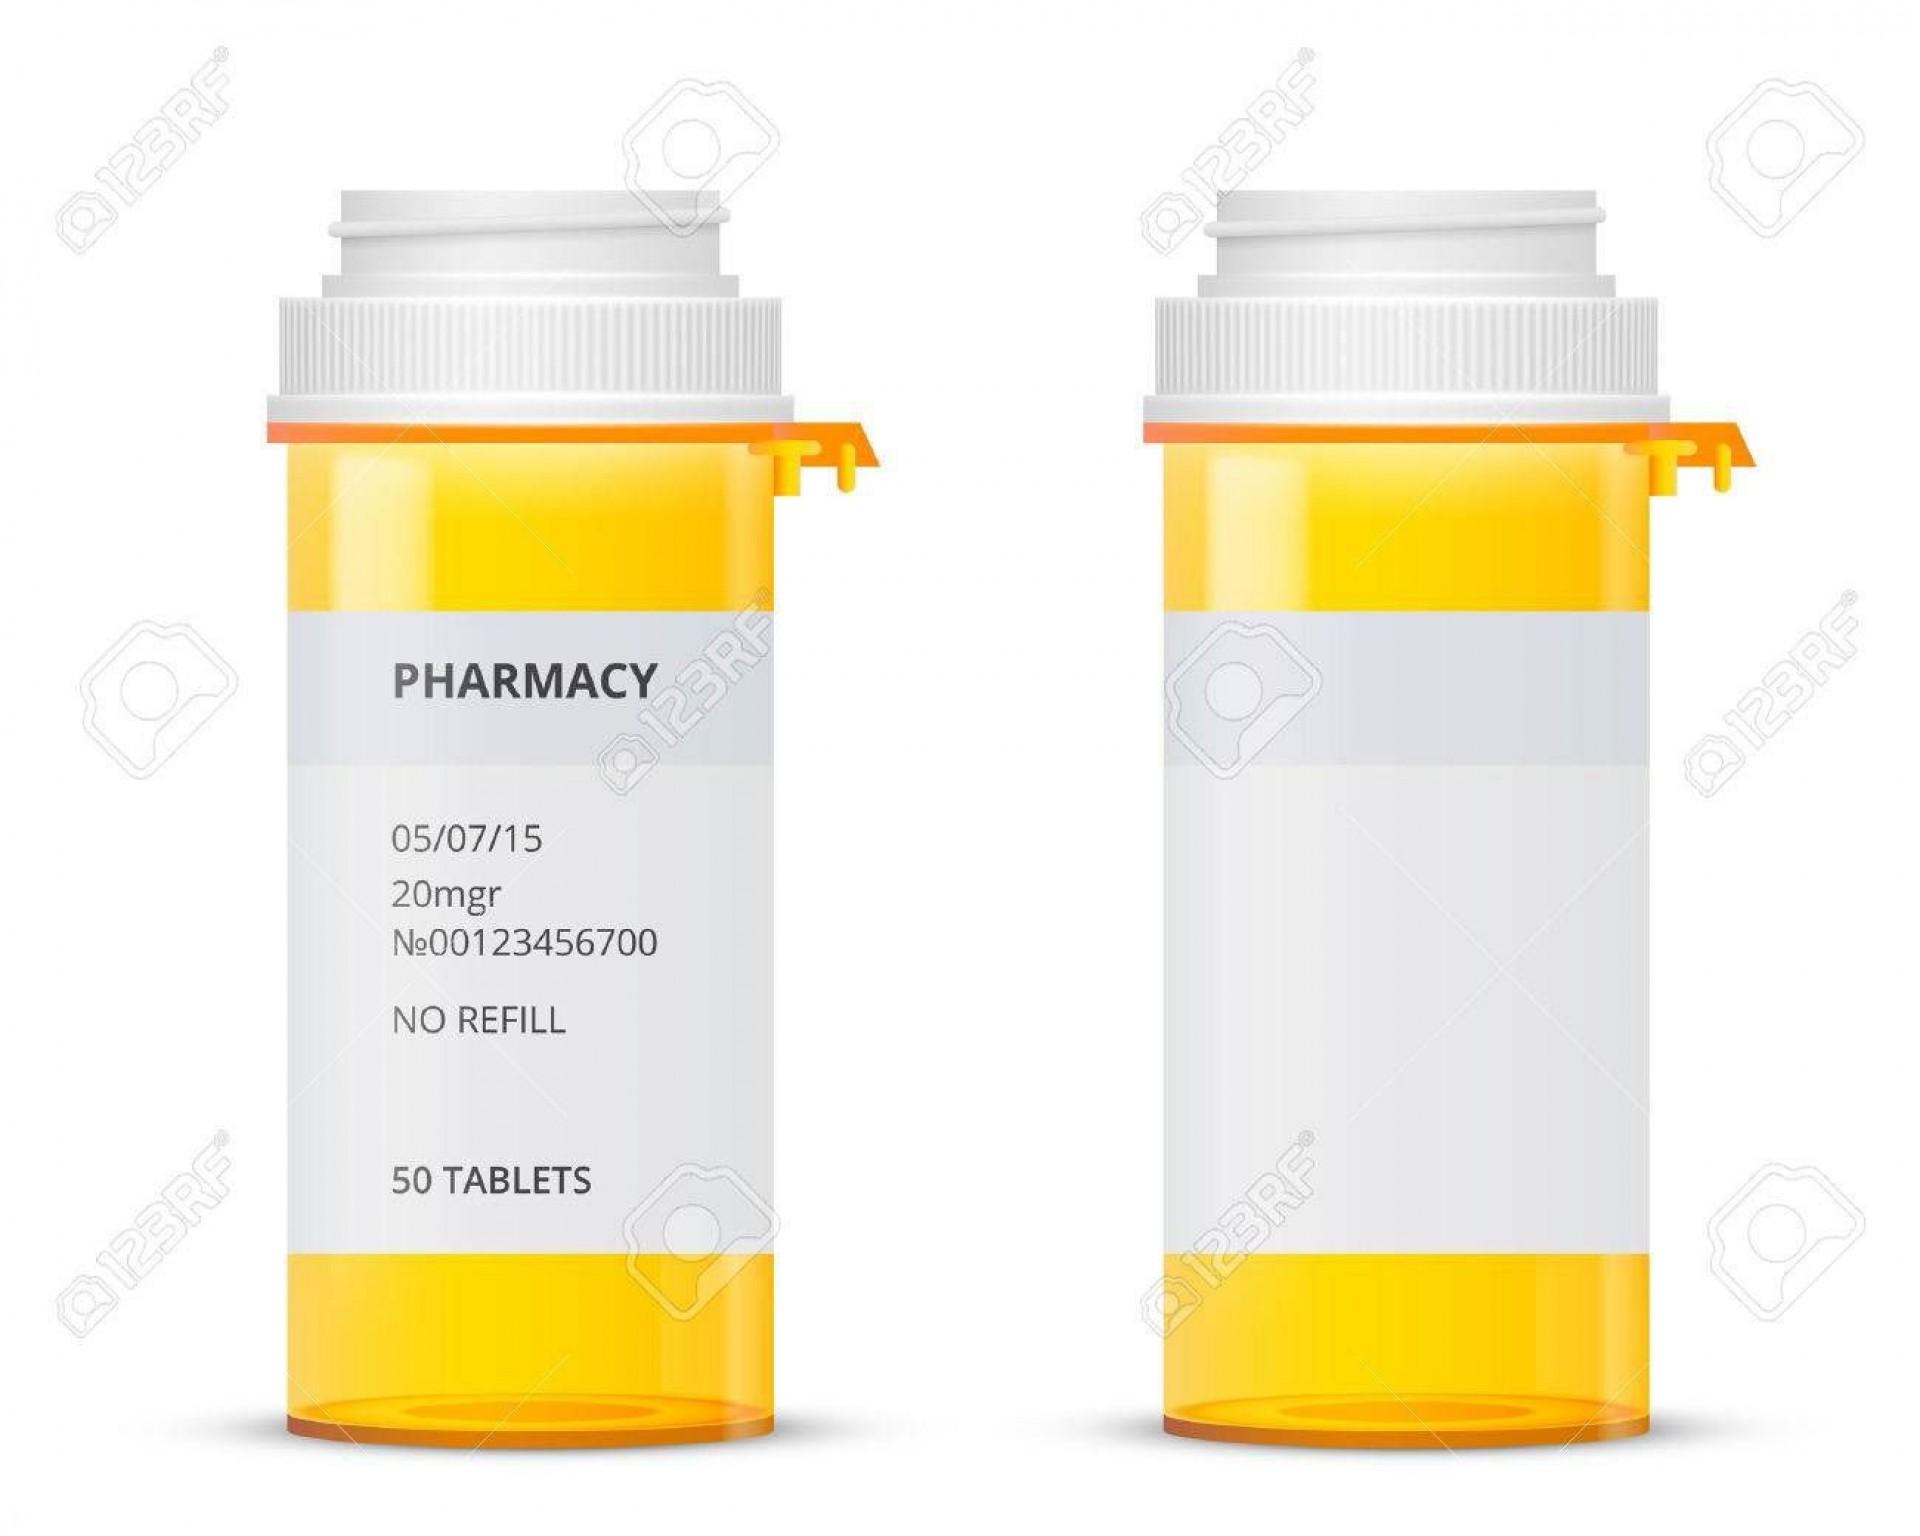 002 Best Pill Bottle Label Template Image  Vintage Medicine Printable Free1920